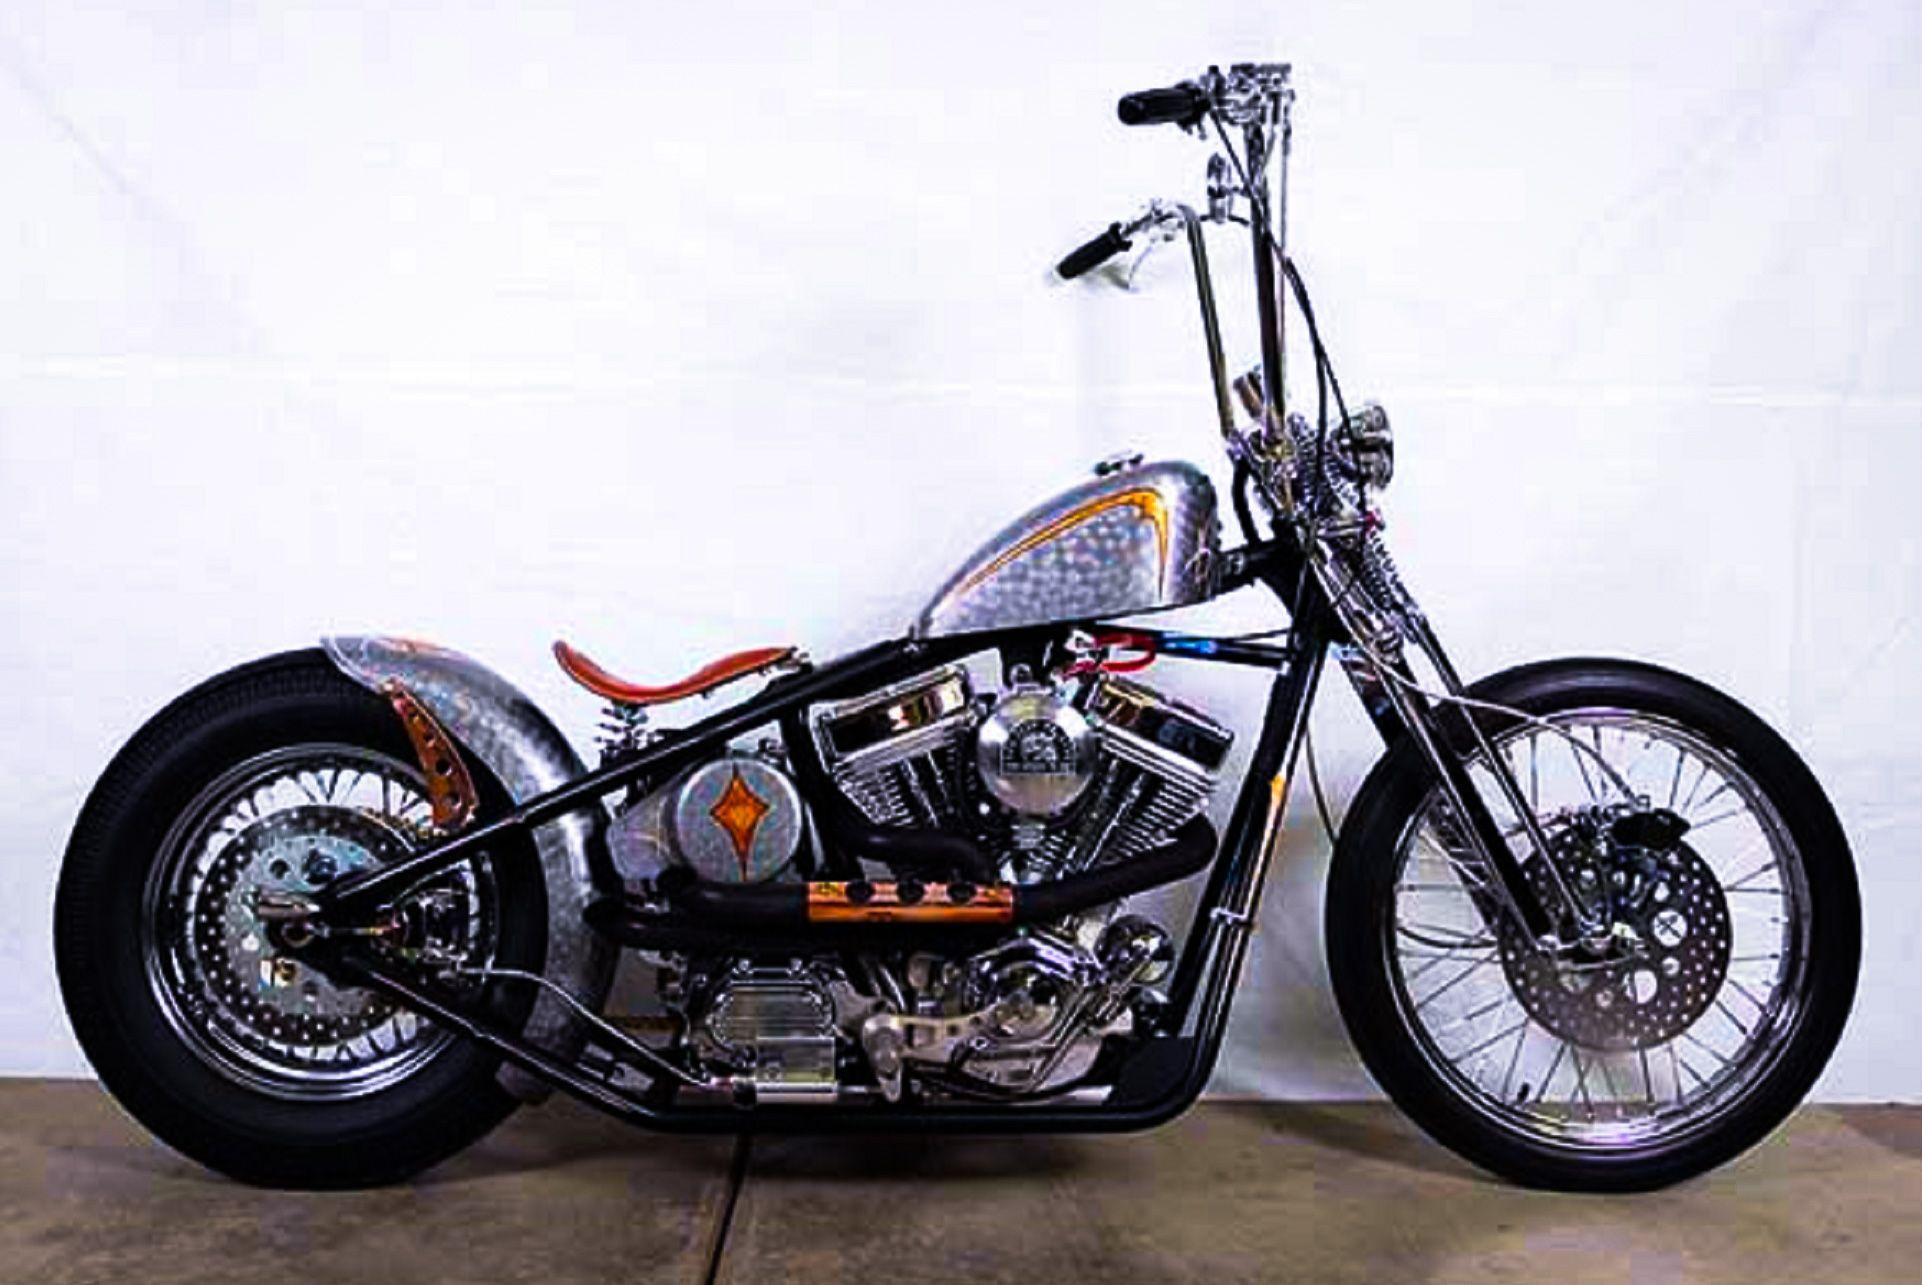 ape hanger classic bobber motorcycle http usabobbers. Black Bedroom Furniture Sets. Home Design Ideas